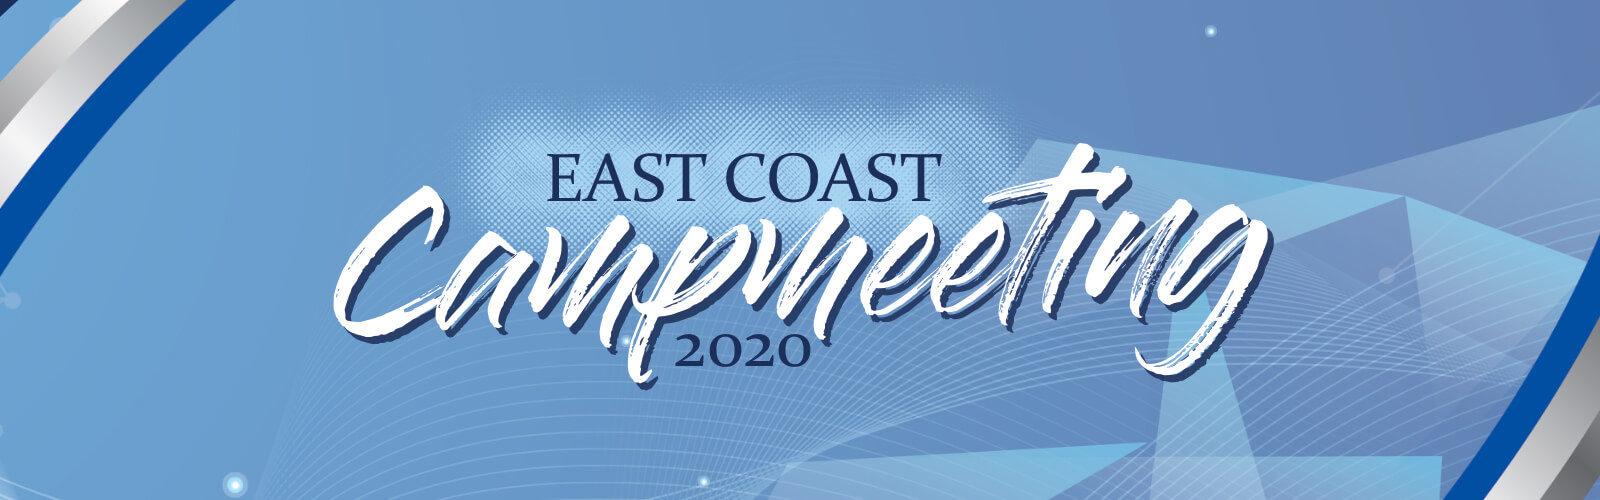 Campmeeting 2020